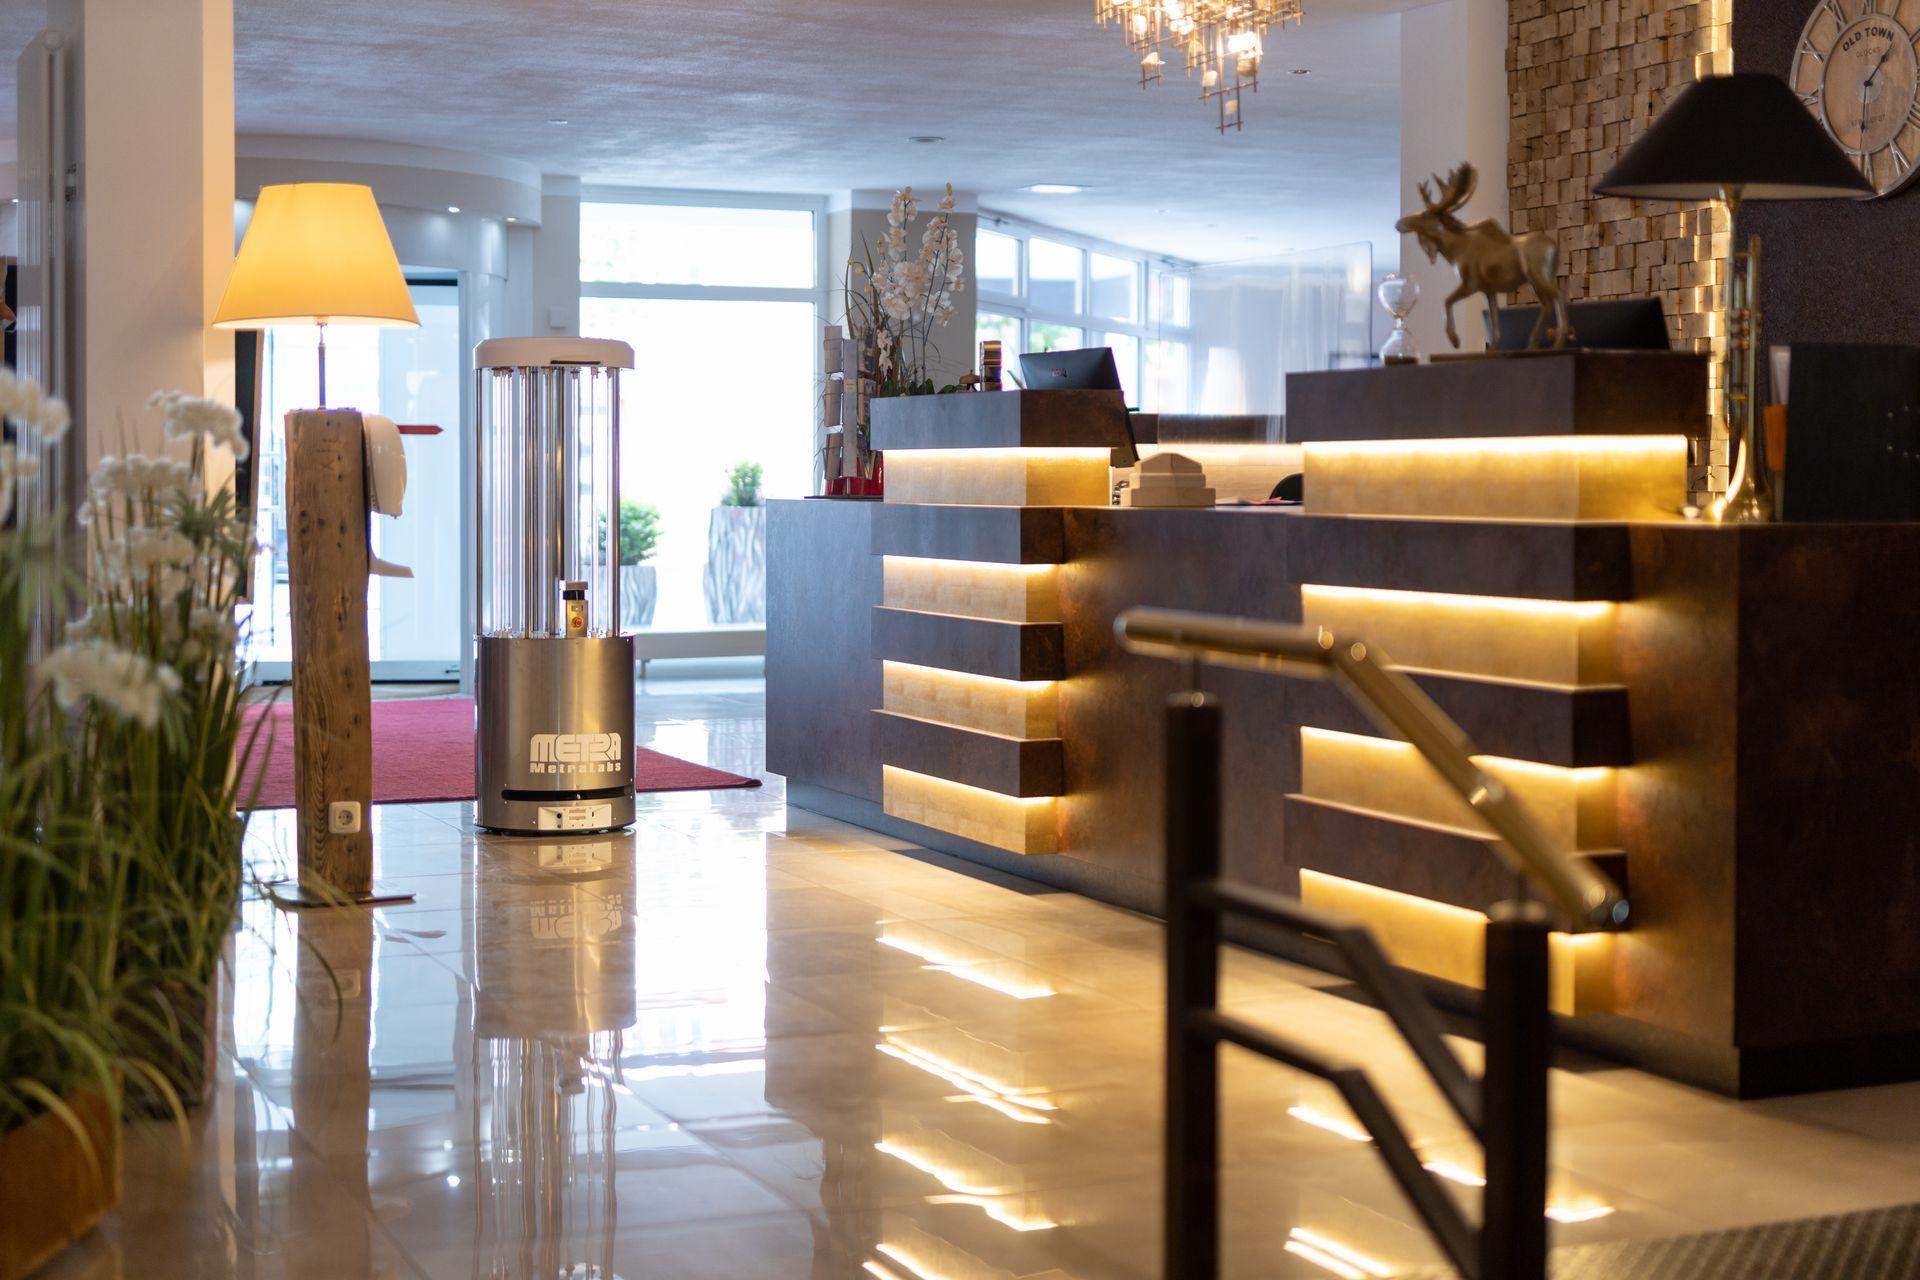 Desinfektionsroboter im Hotel an der Rezeption - MetraLabs GmbH - STERYBOT